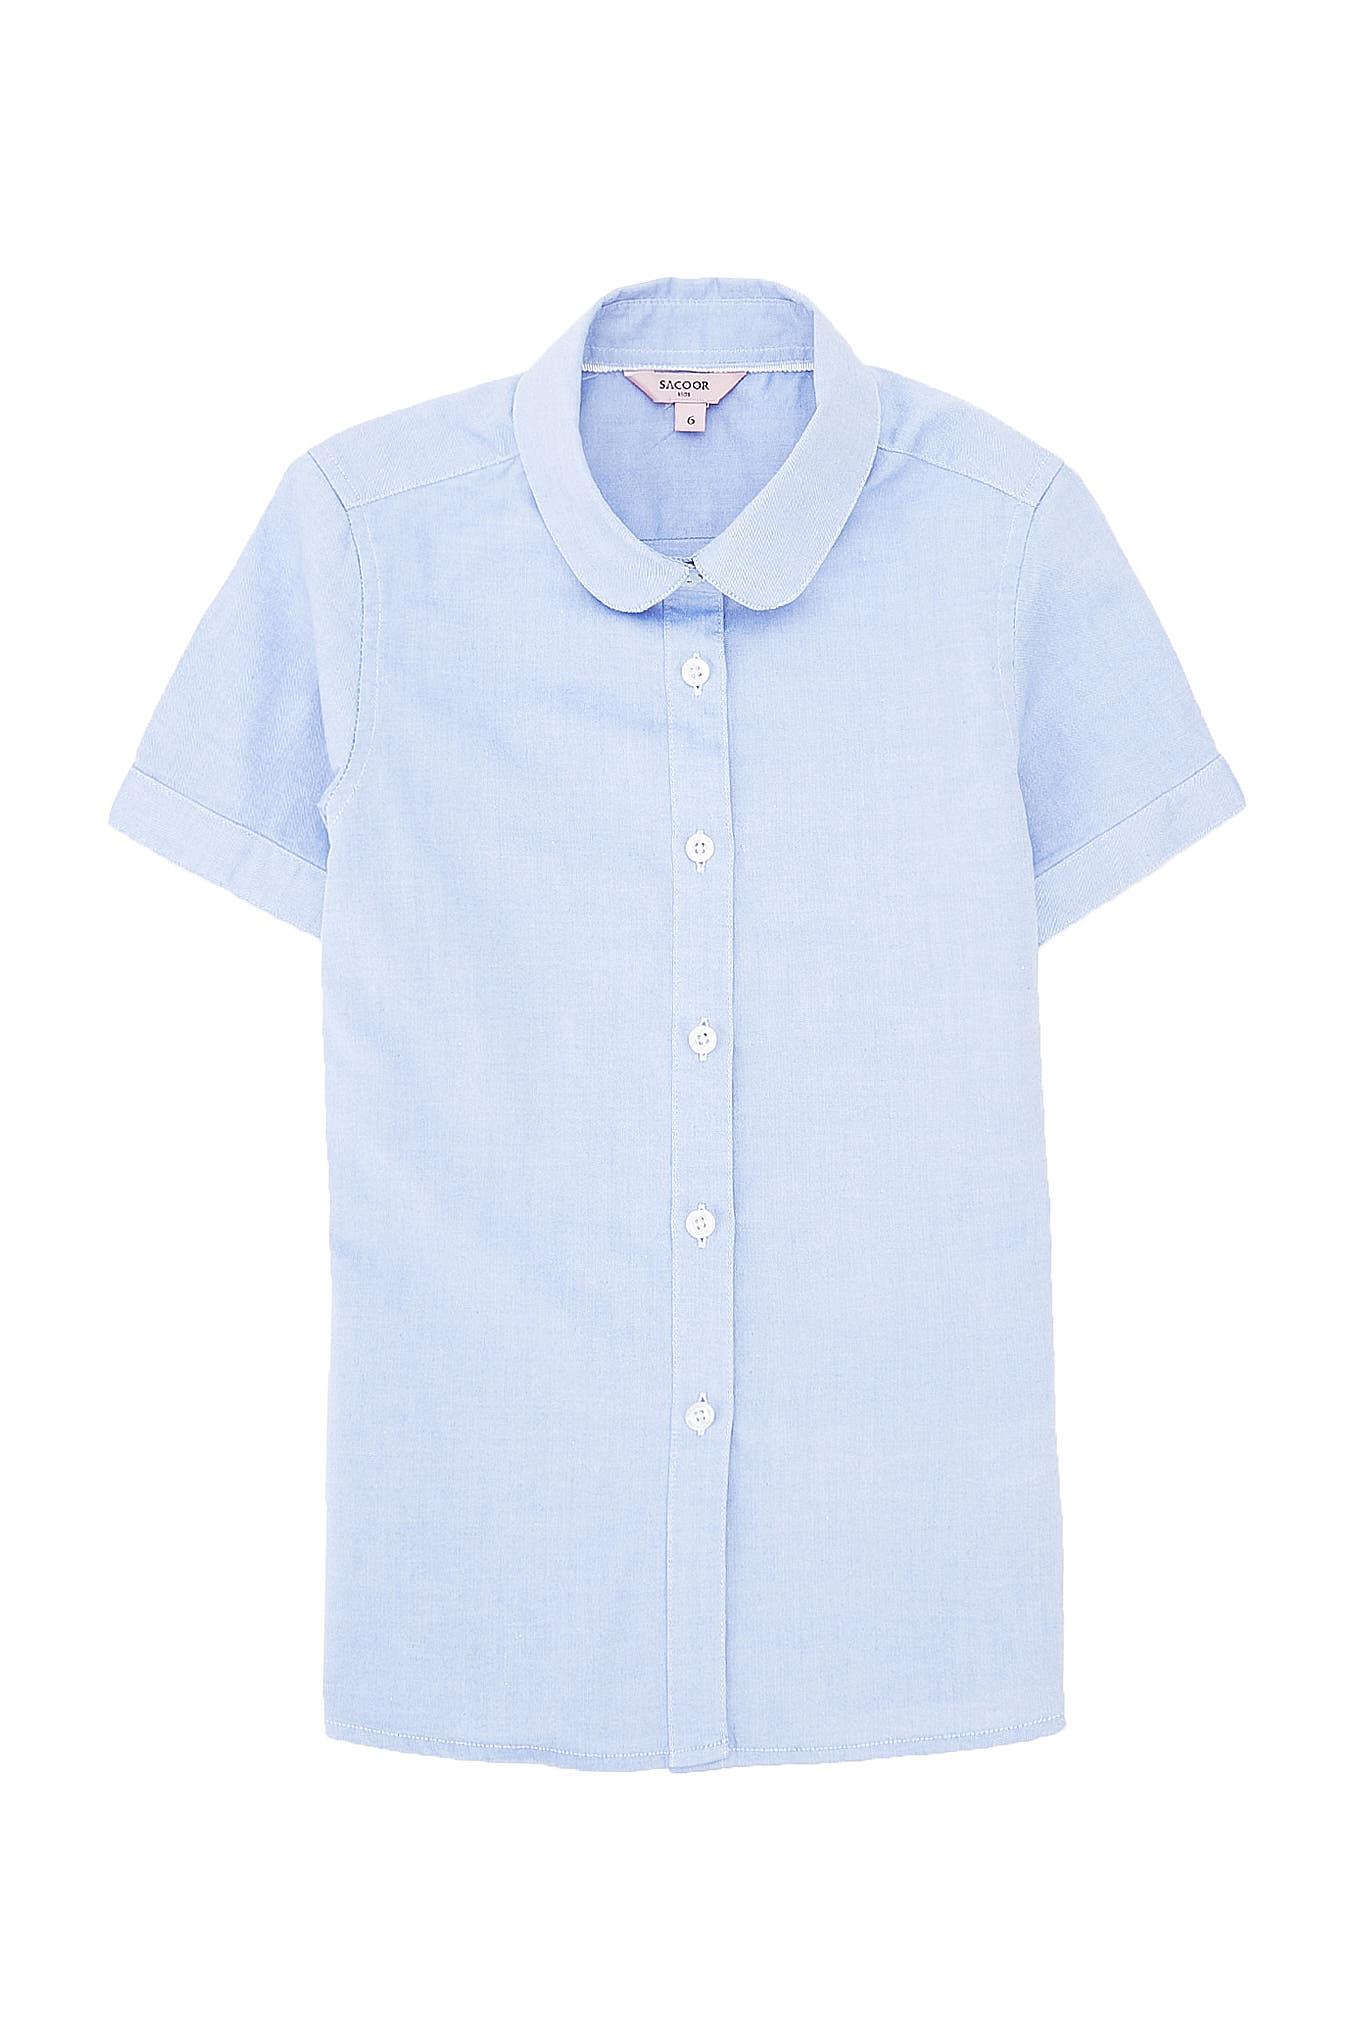 Camisa Azul Médio Casual Rapariga